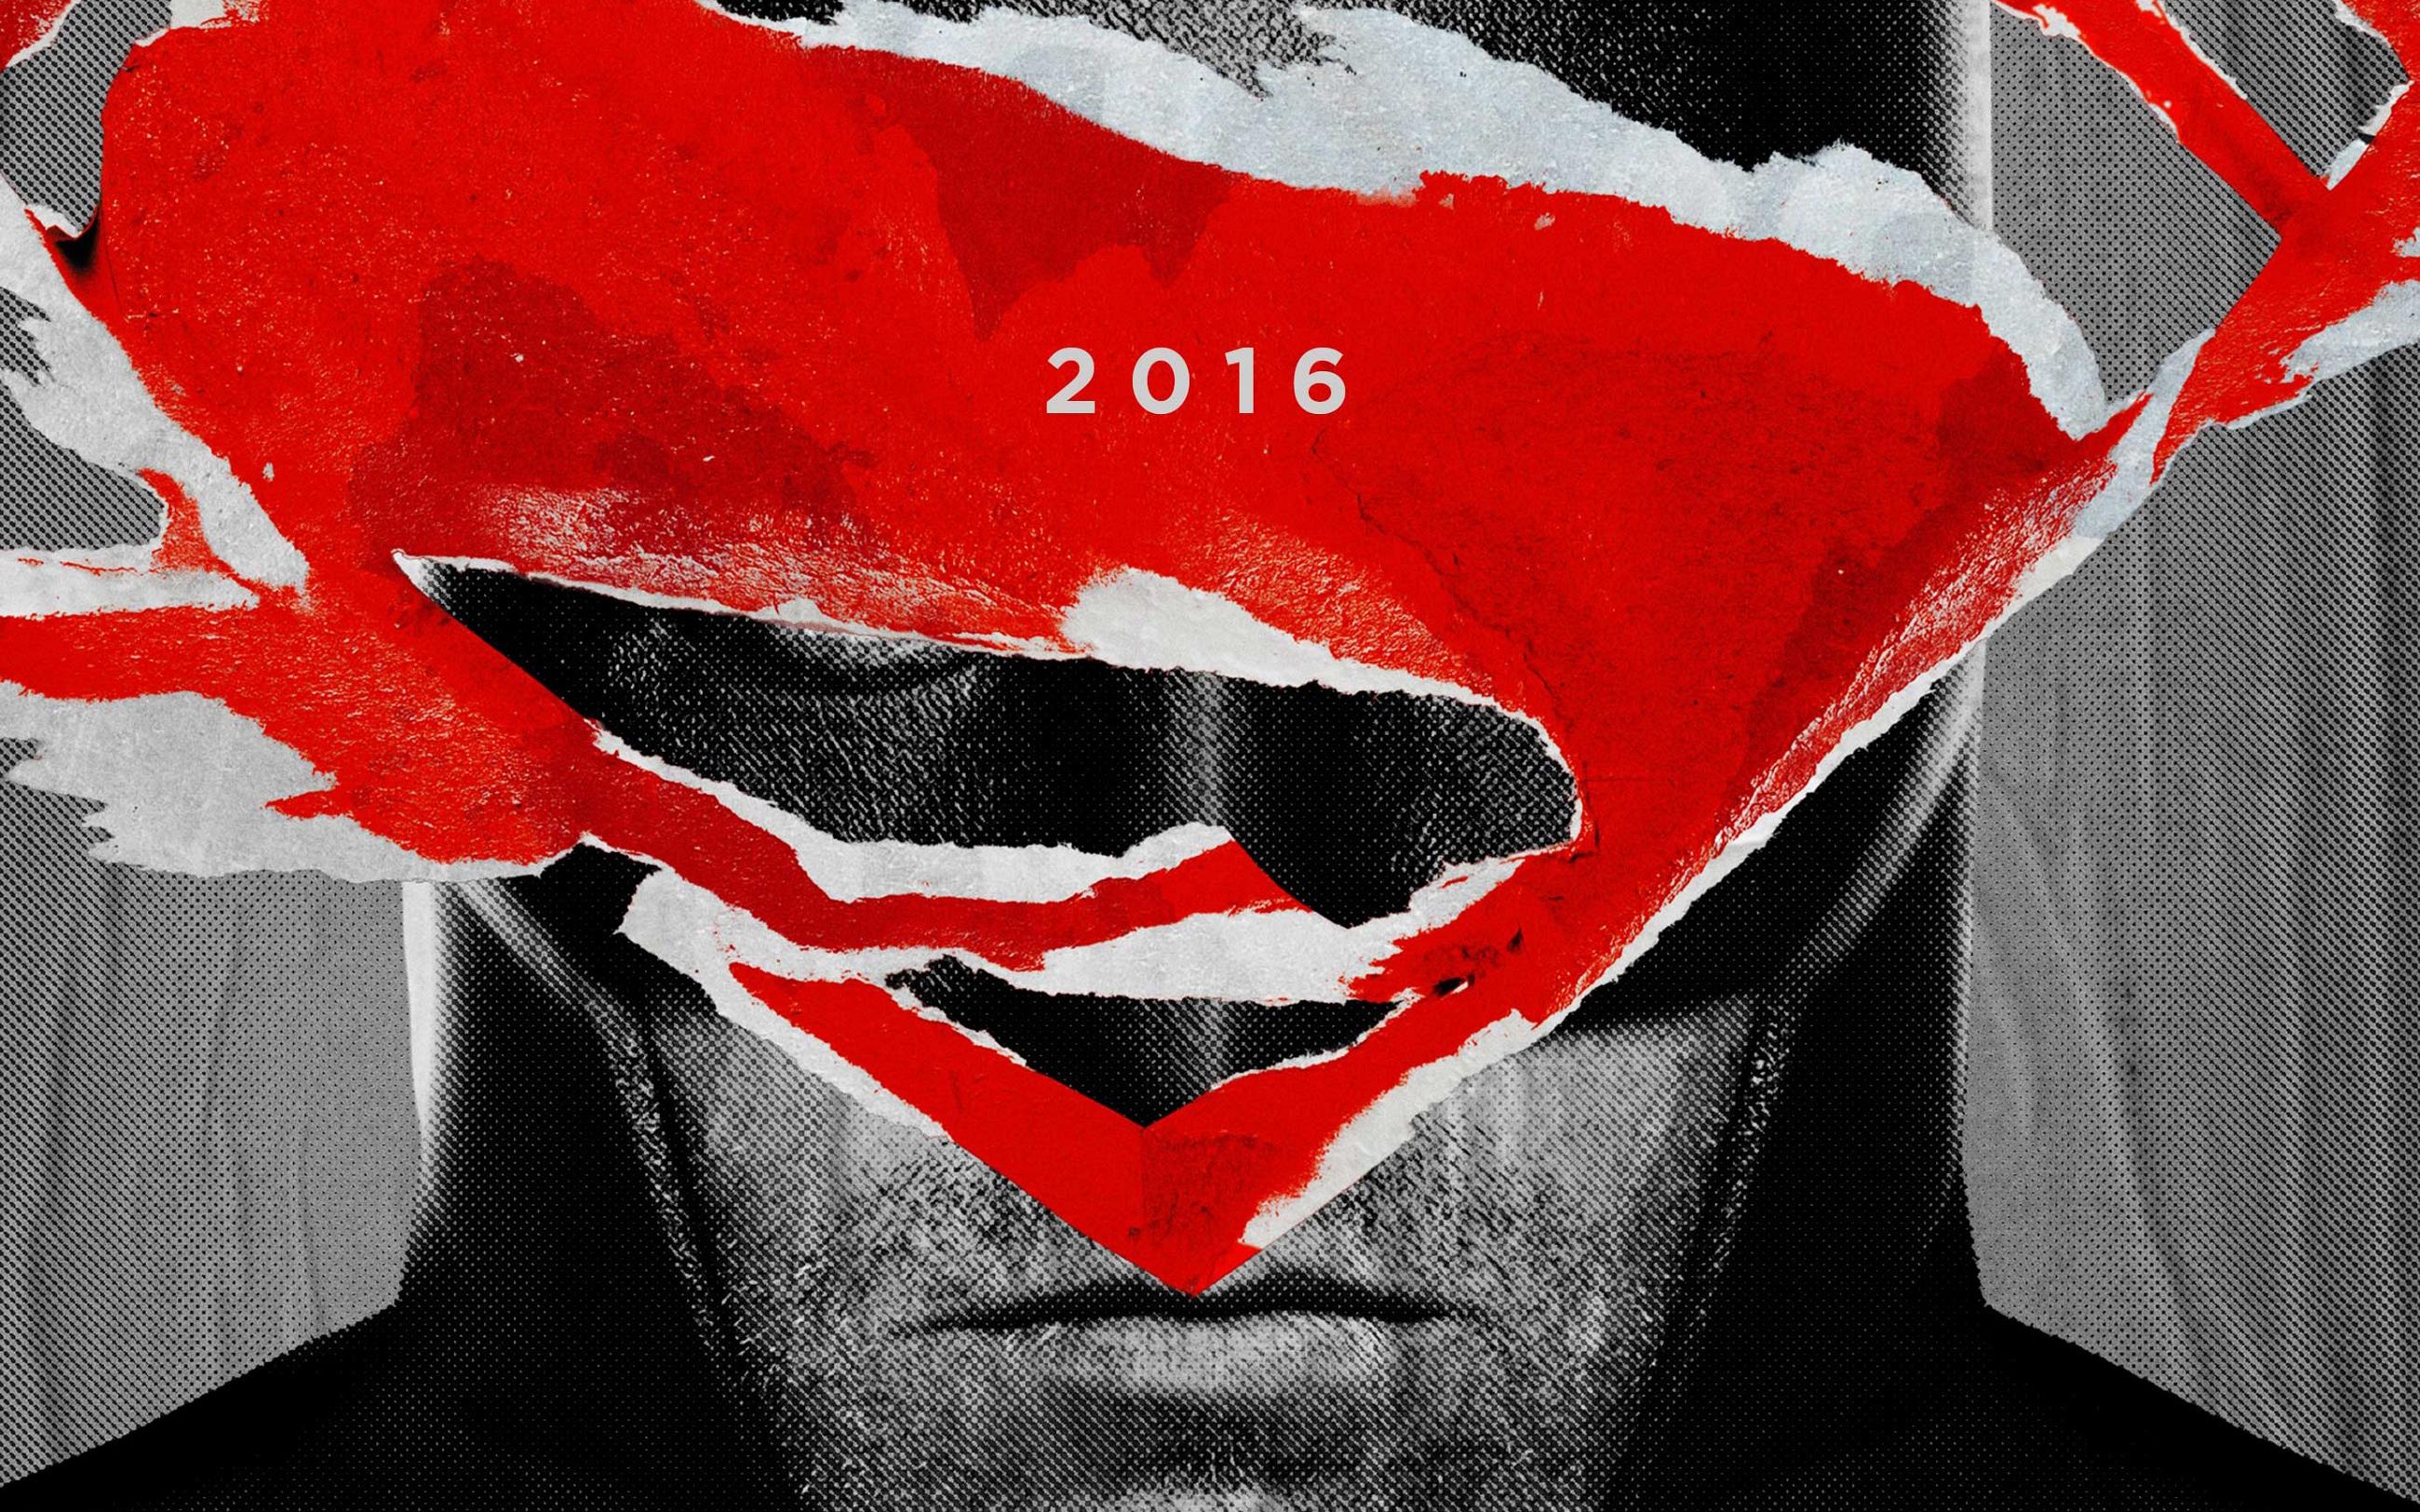 Batman vs Superman p Wallpapers